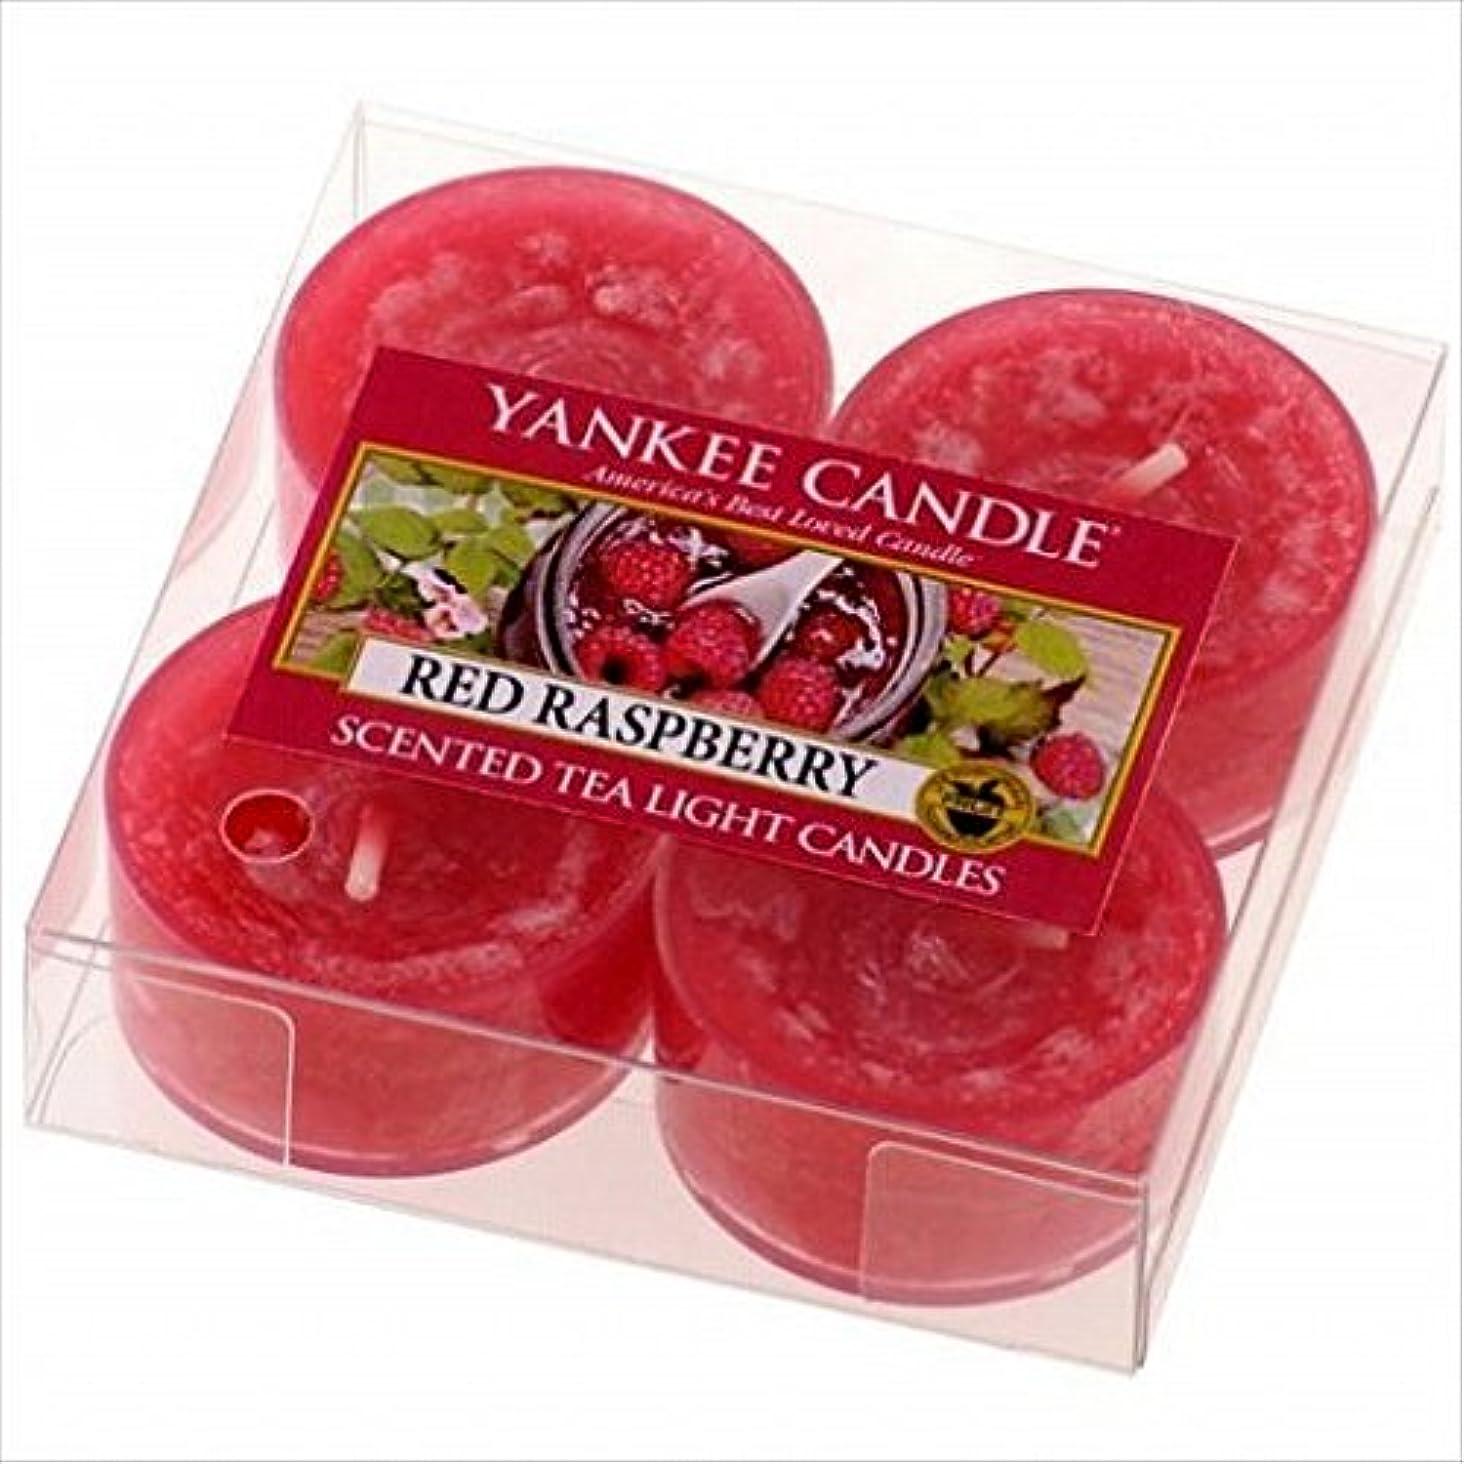 子羊アベニューものYANKEE CANDLE(ヤンキーキャンドル) YANKEE CANDLE クリアカップティーライト4個入り 「 レッドラズベリー 」(K00205251)